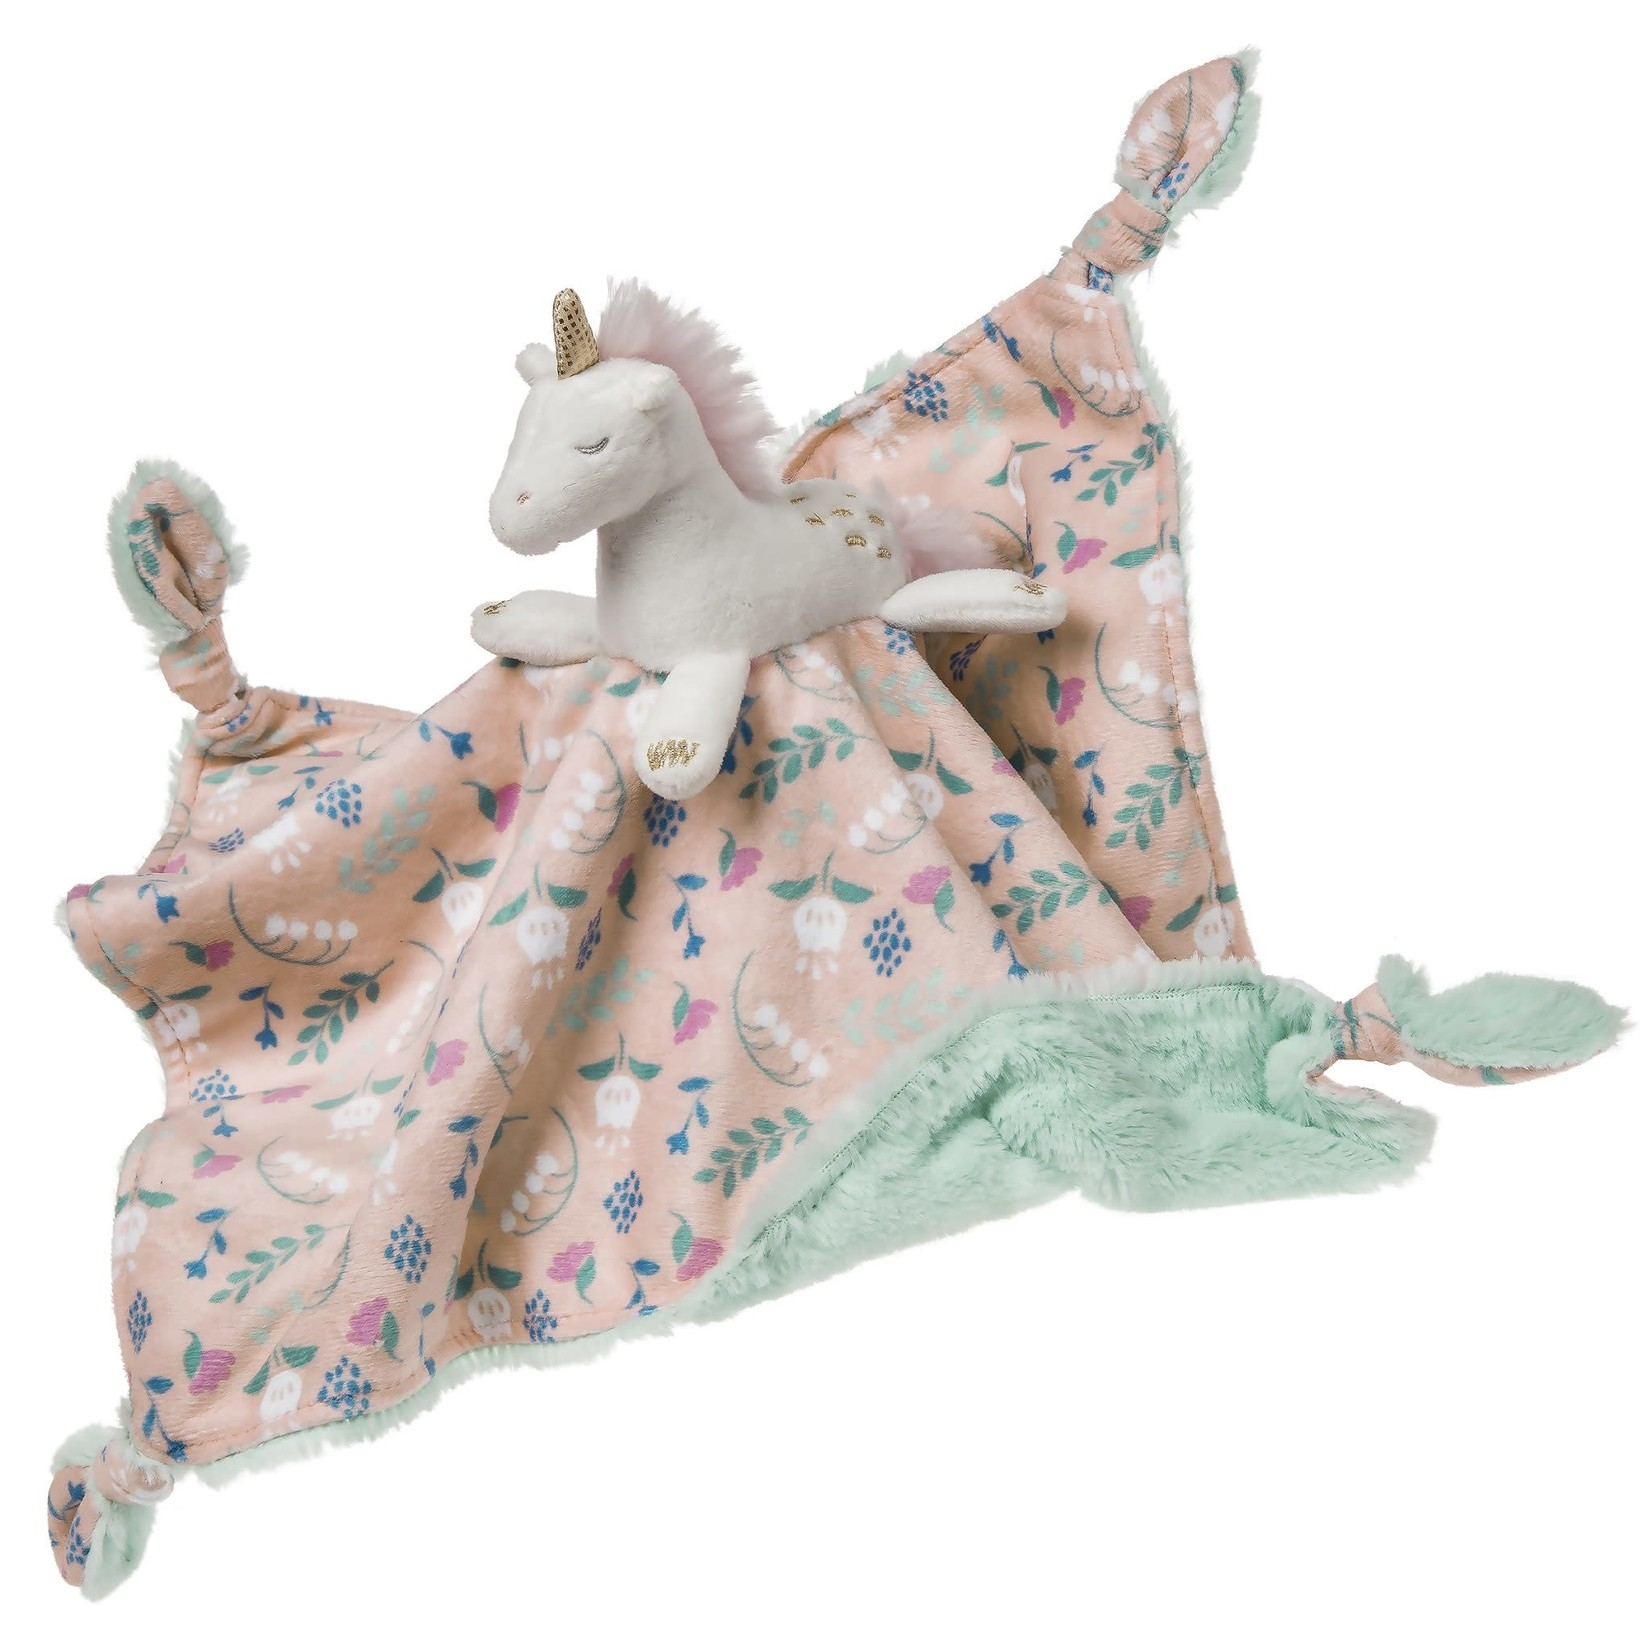 Mary Meyer Character Blanket, Twilight Baby Unicorn (nc)